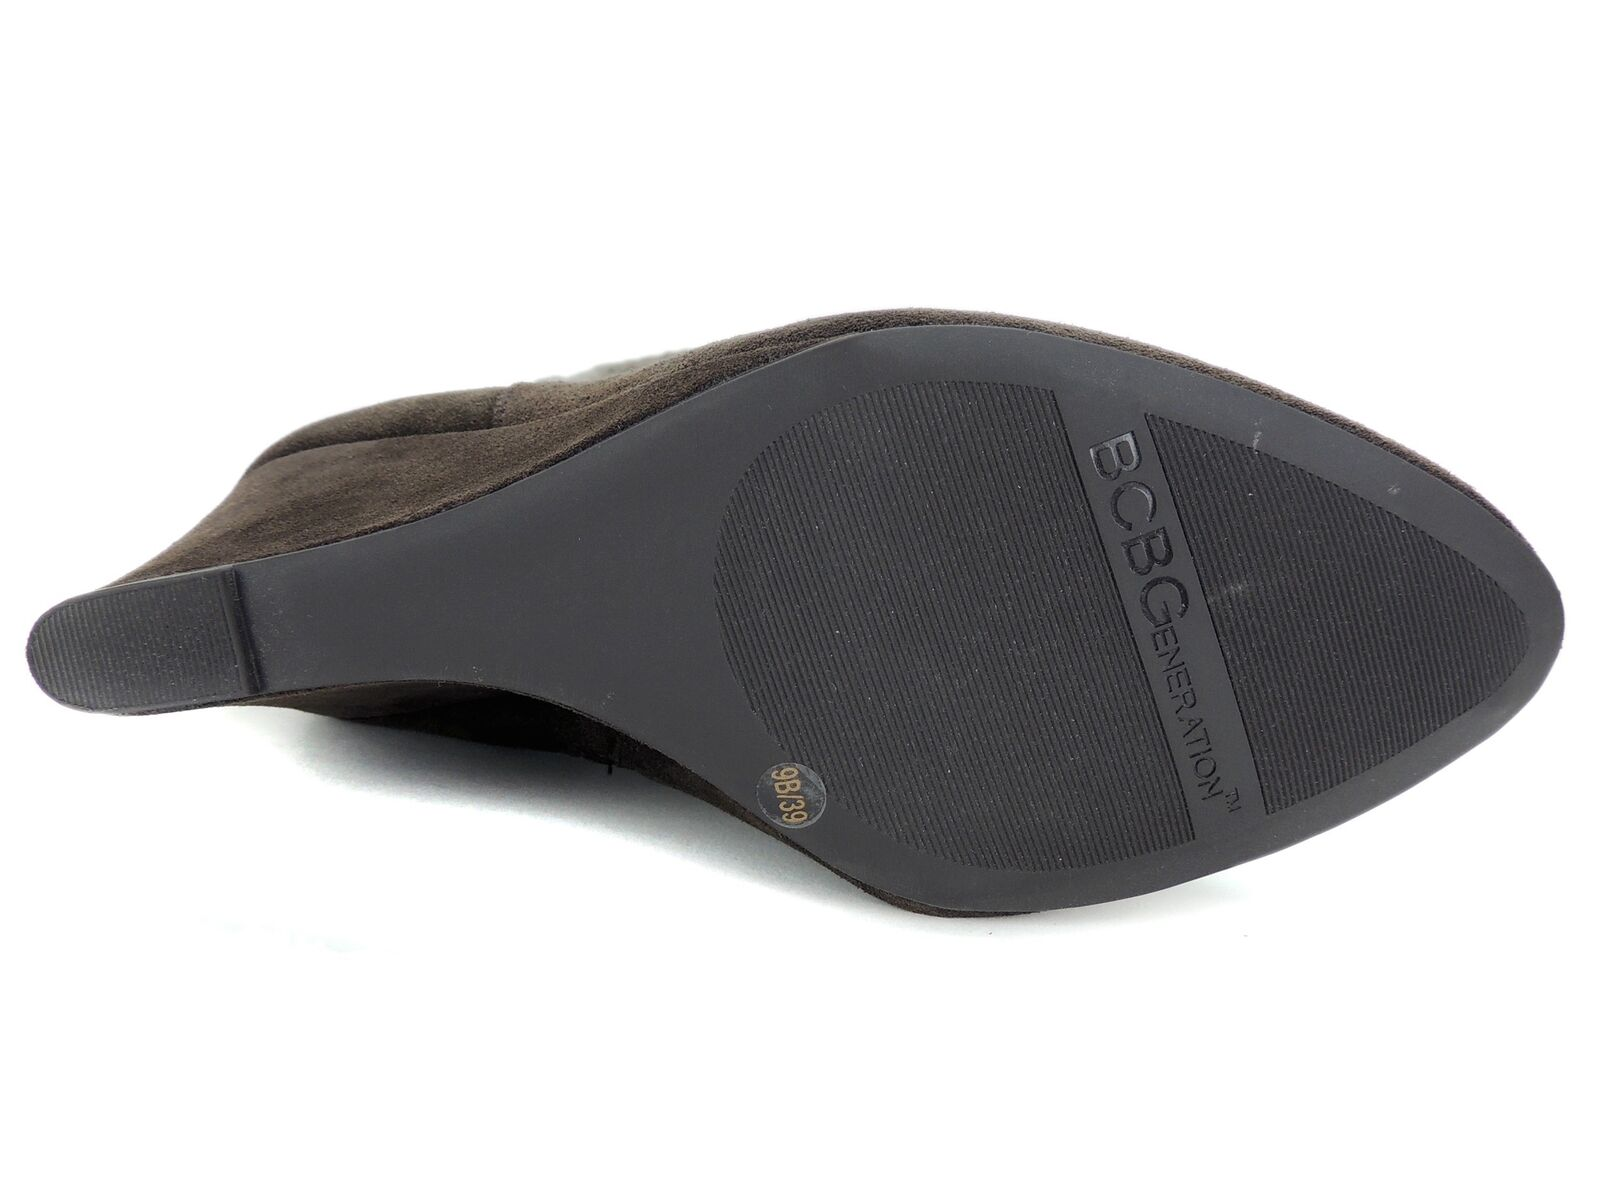 Bcbgeneration para mujer botas Becerro Becerro botas Moca De Gamuza Becerro Onyx Marrón Aceitoso Tamaño 9 M ee7825